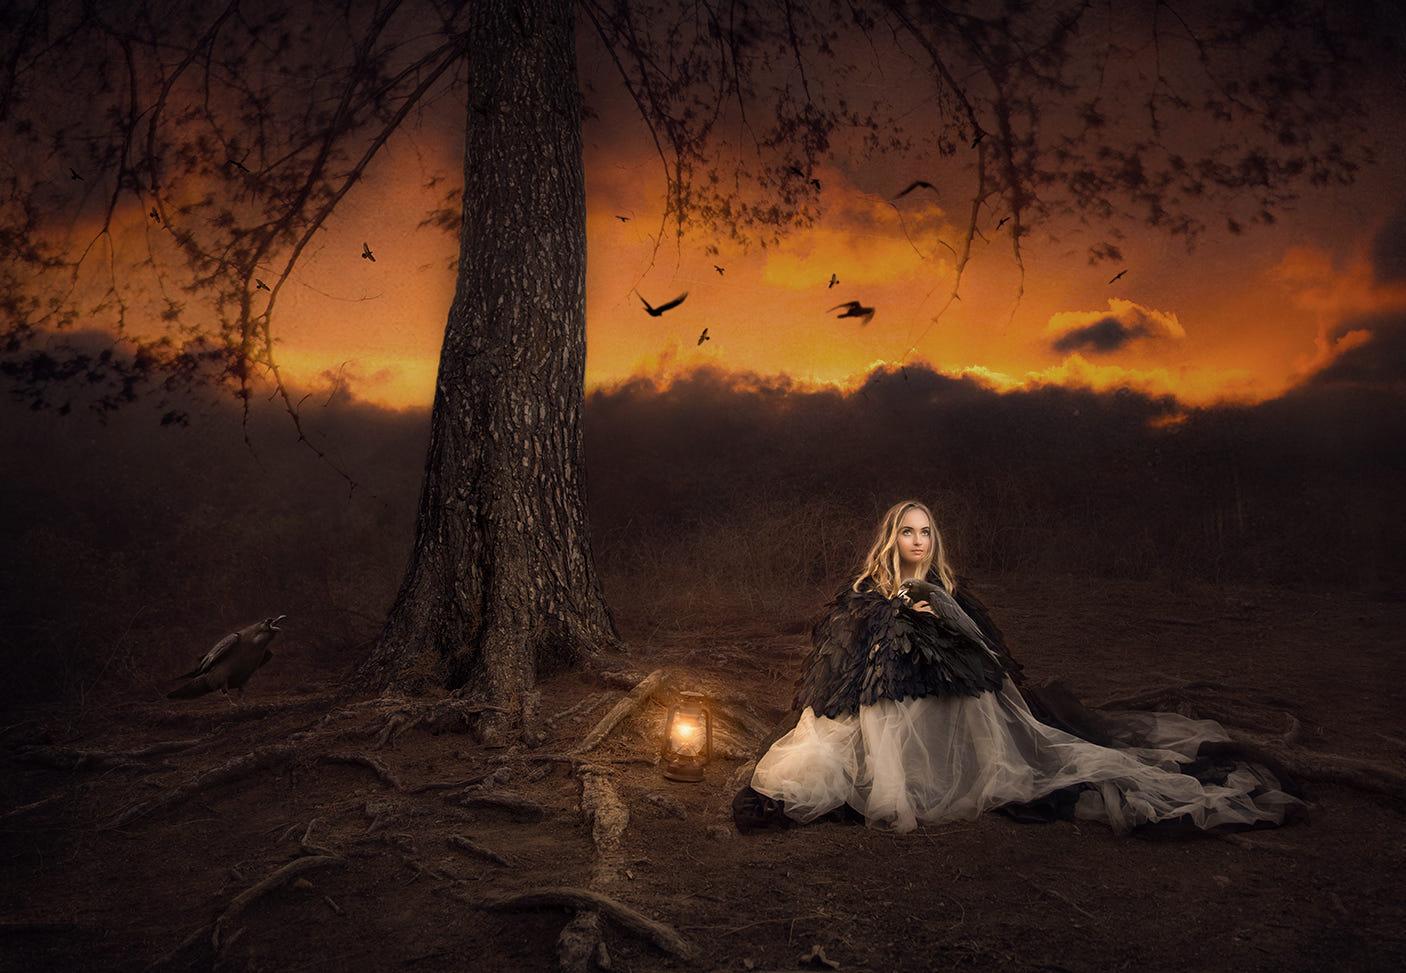 Фото Девушка сидит с горящим фонарем недалеко от дерева в ночь хеллоуина. Фотограф Jessica Drossin